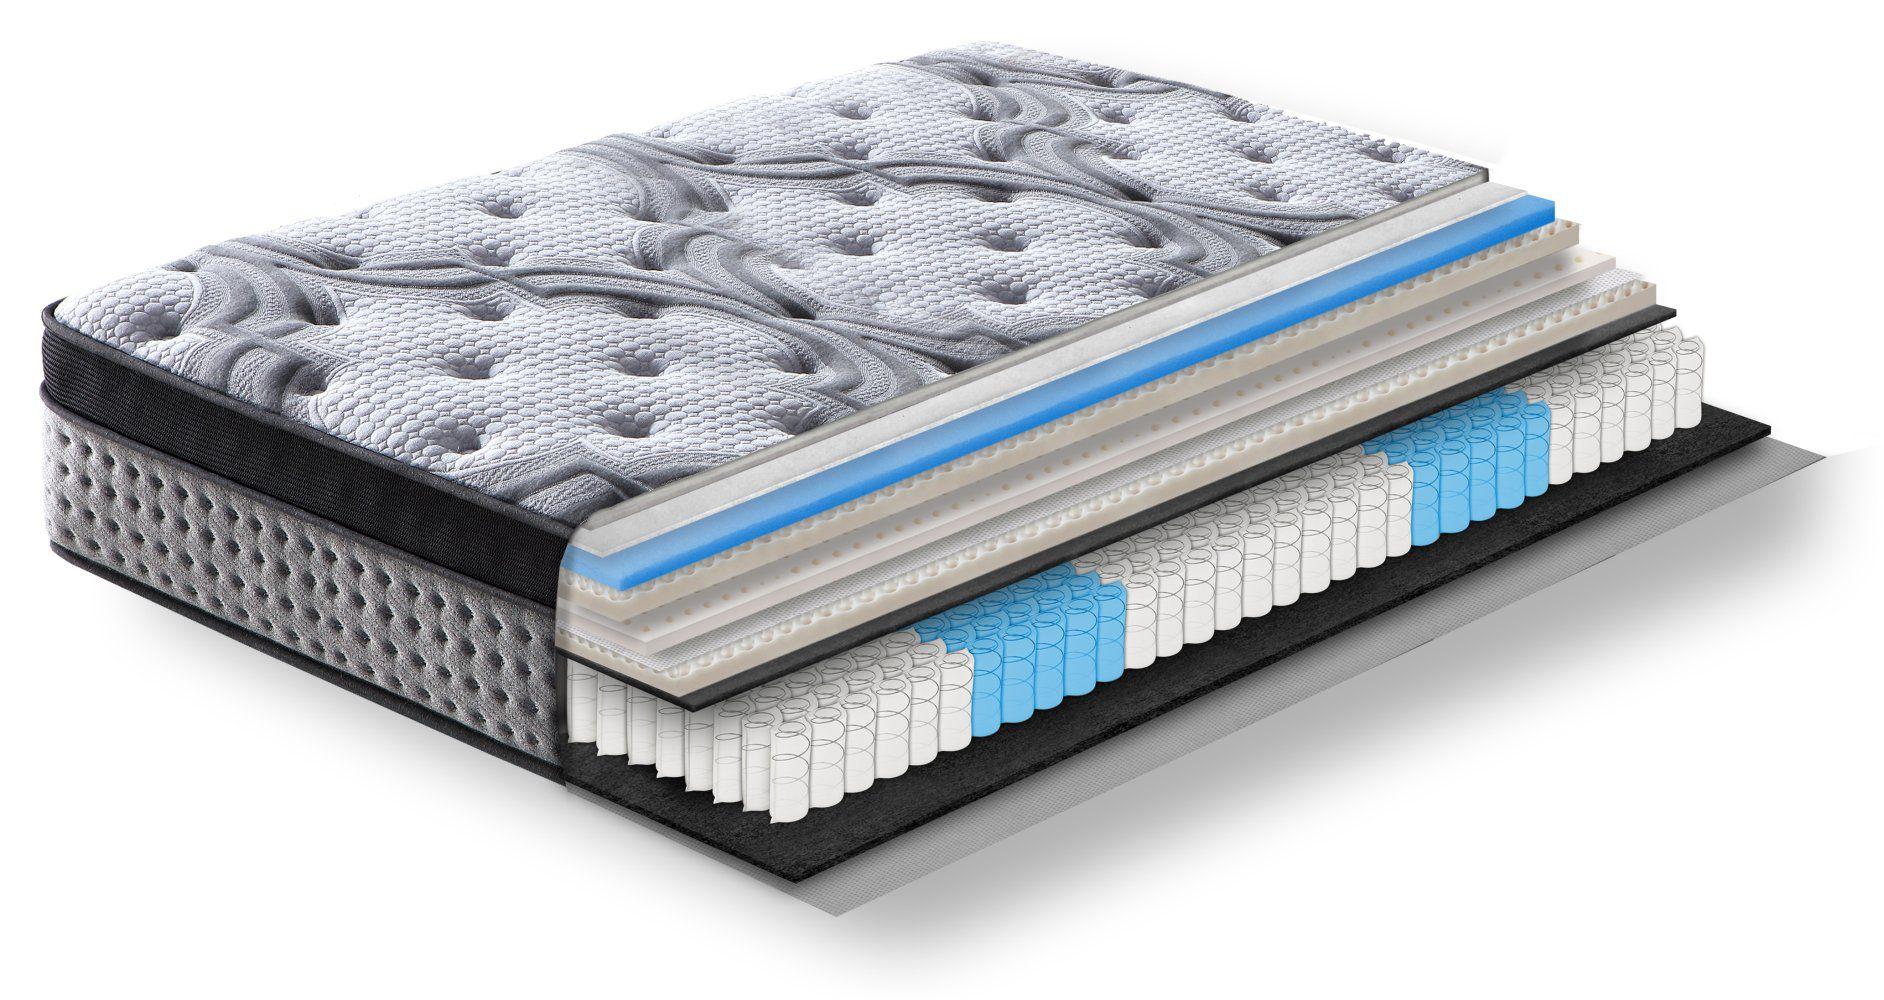 Steiner Premium Matratze Comfort mit 5-Zonen-Taschenfederkern - Größe: 140 x 200 cm, Härtegrad H3-H4, Höhe: 34 cm